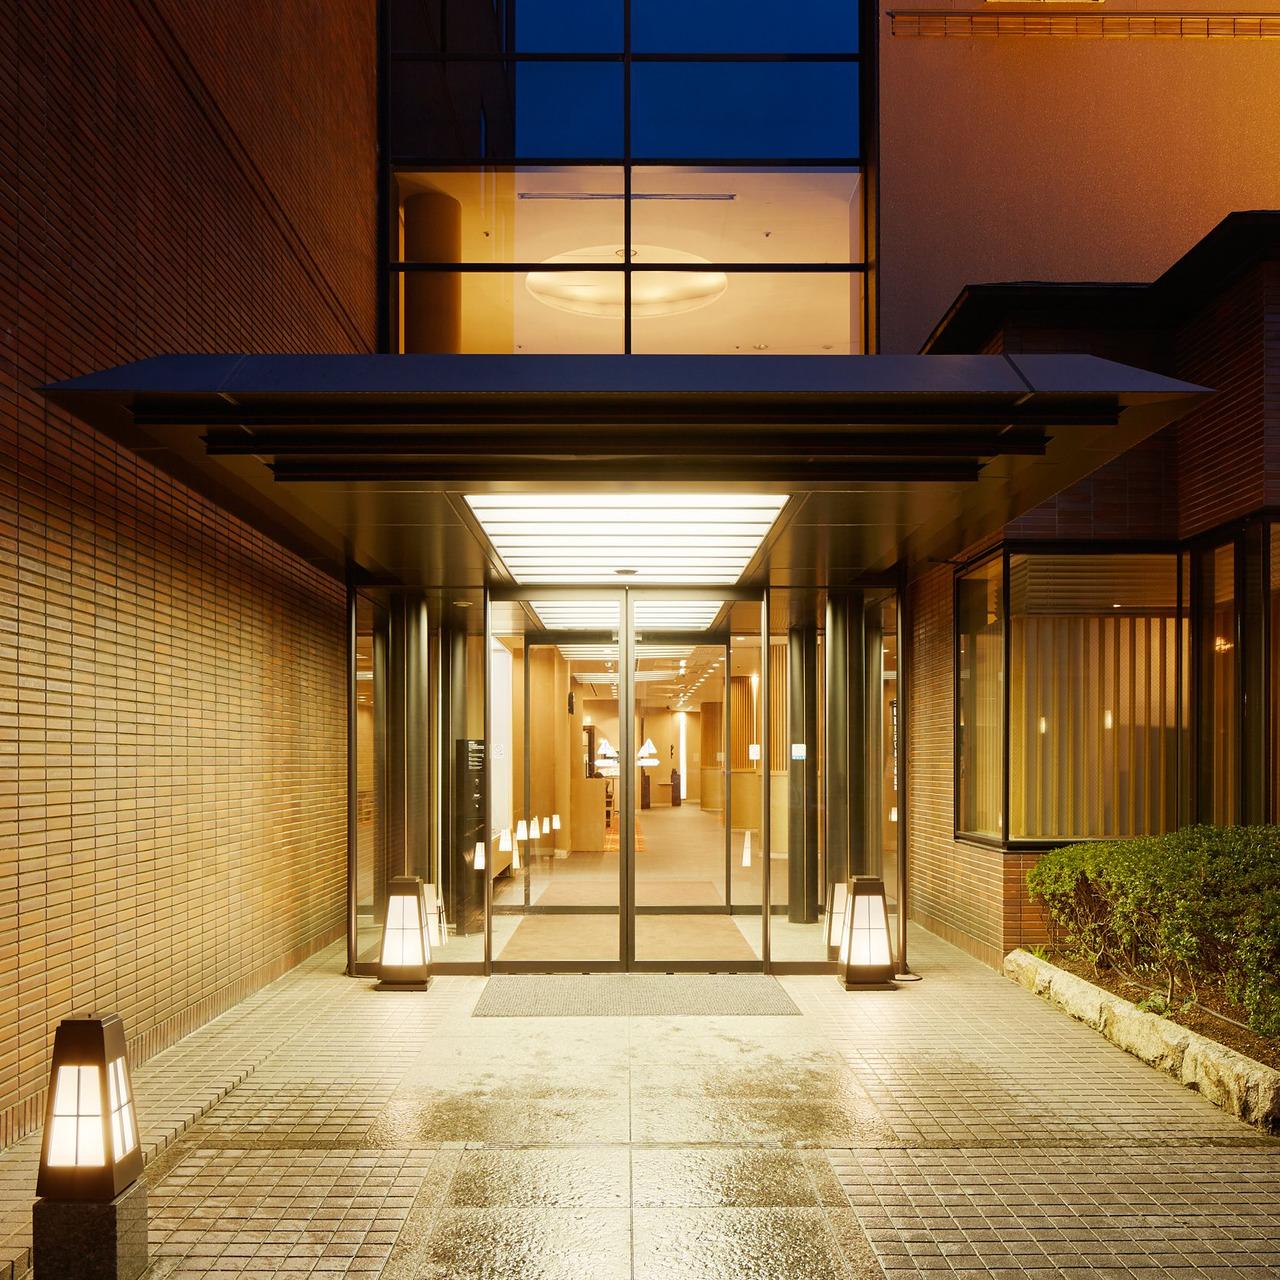 Mitsui kyoto the hotel